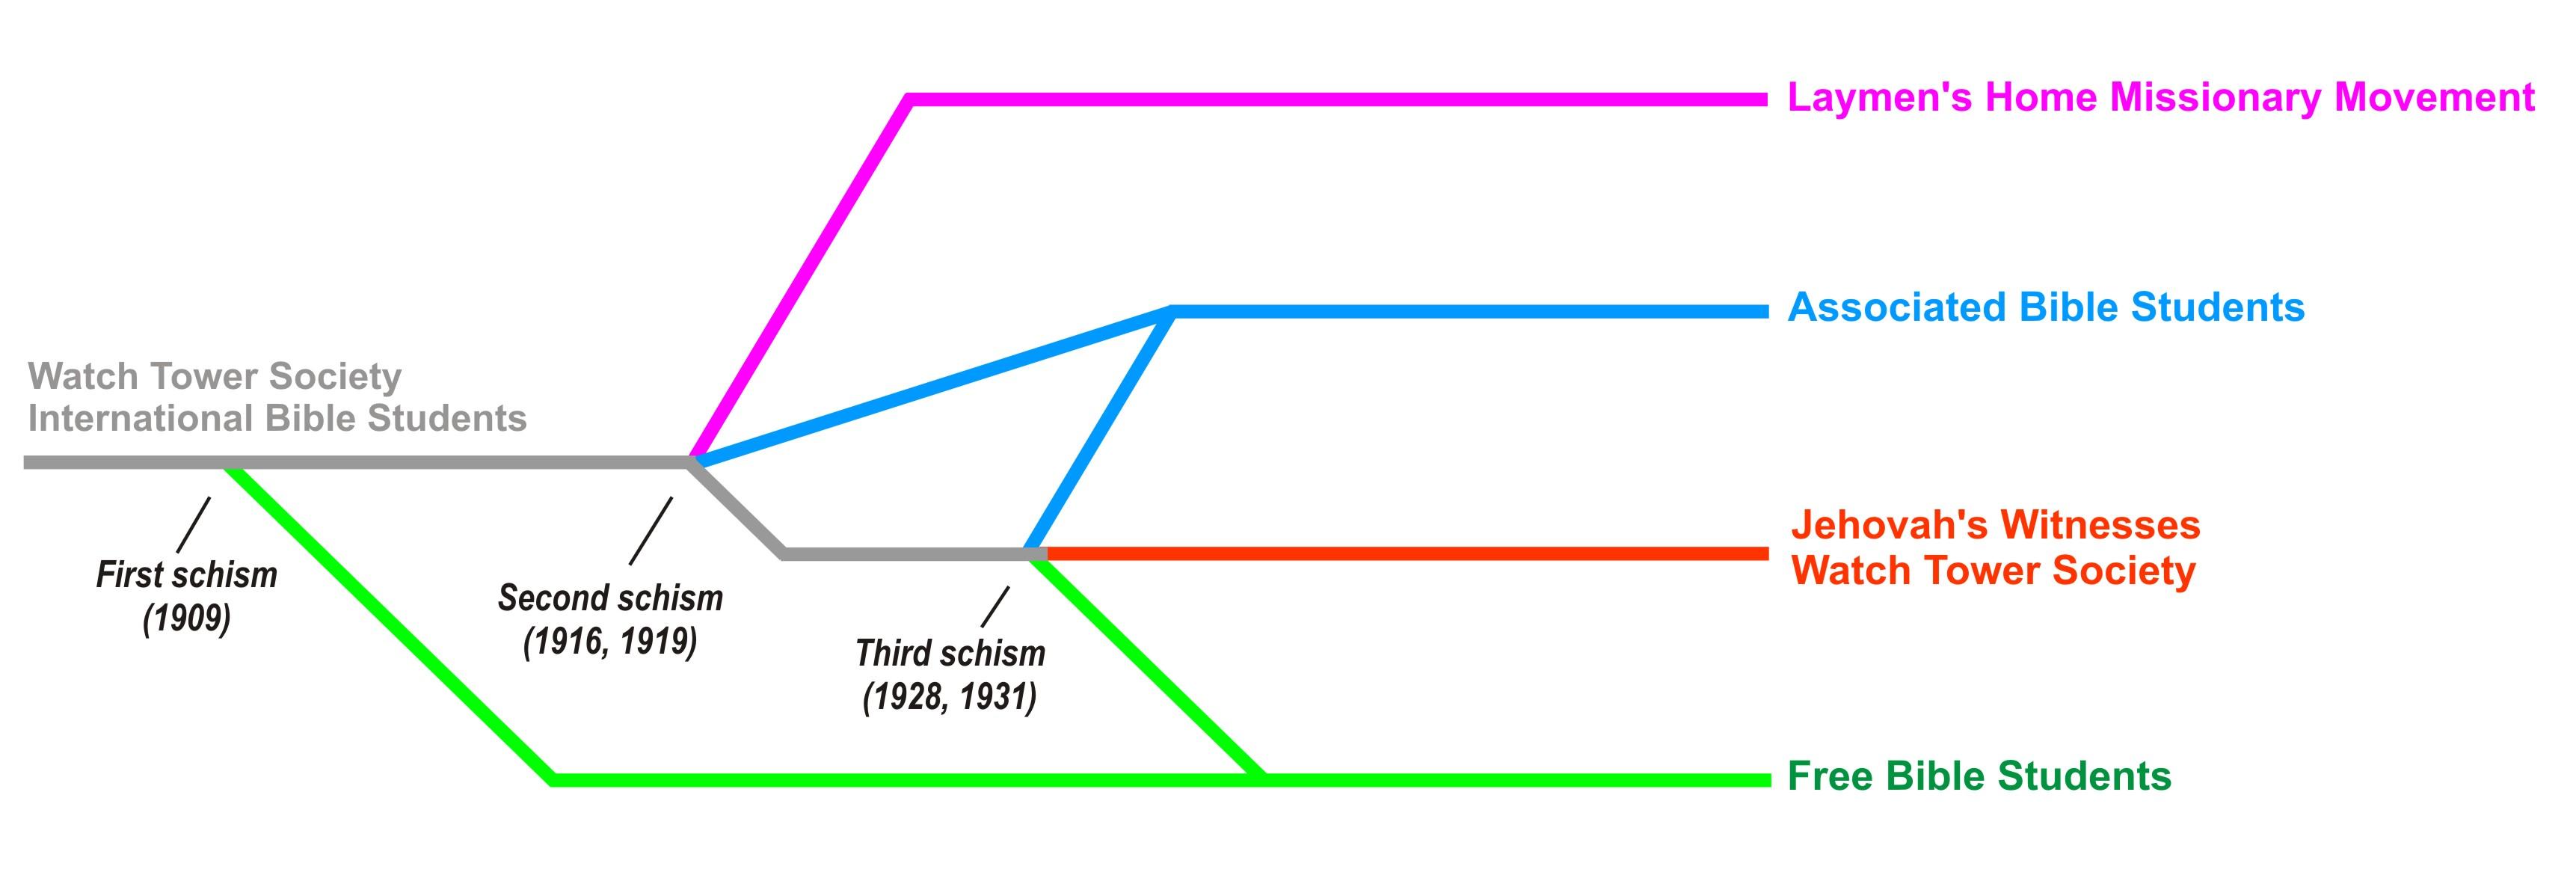 Church Organizational Chart: Bible Student movement - Wikipedia ang malayang ensiklopedya,Chart